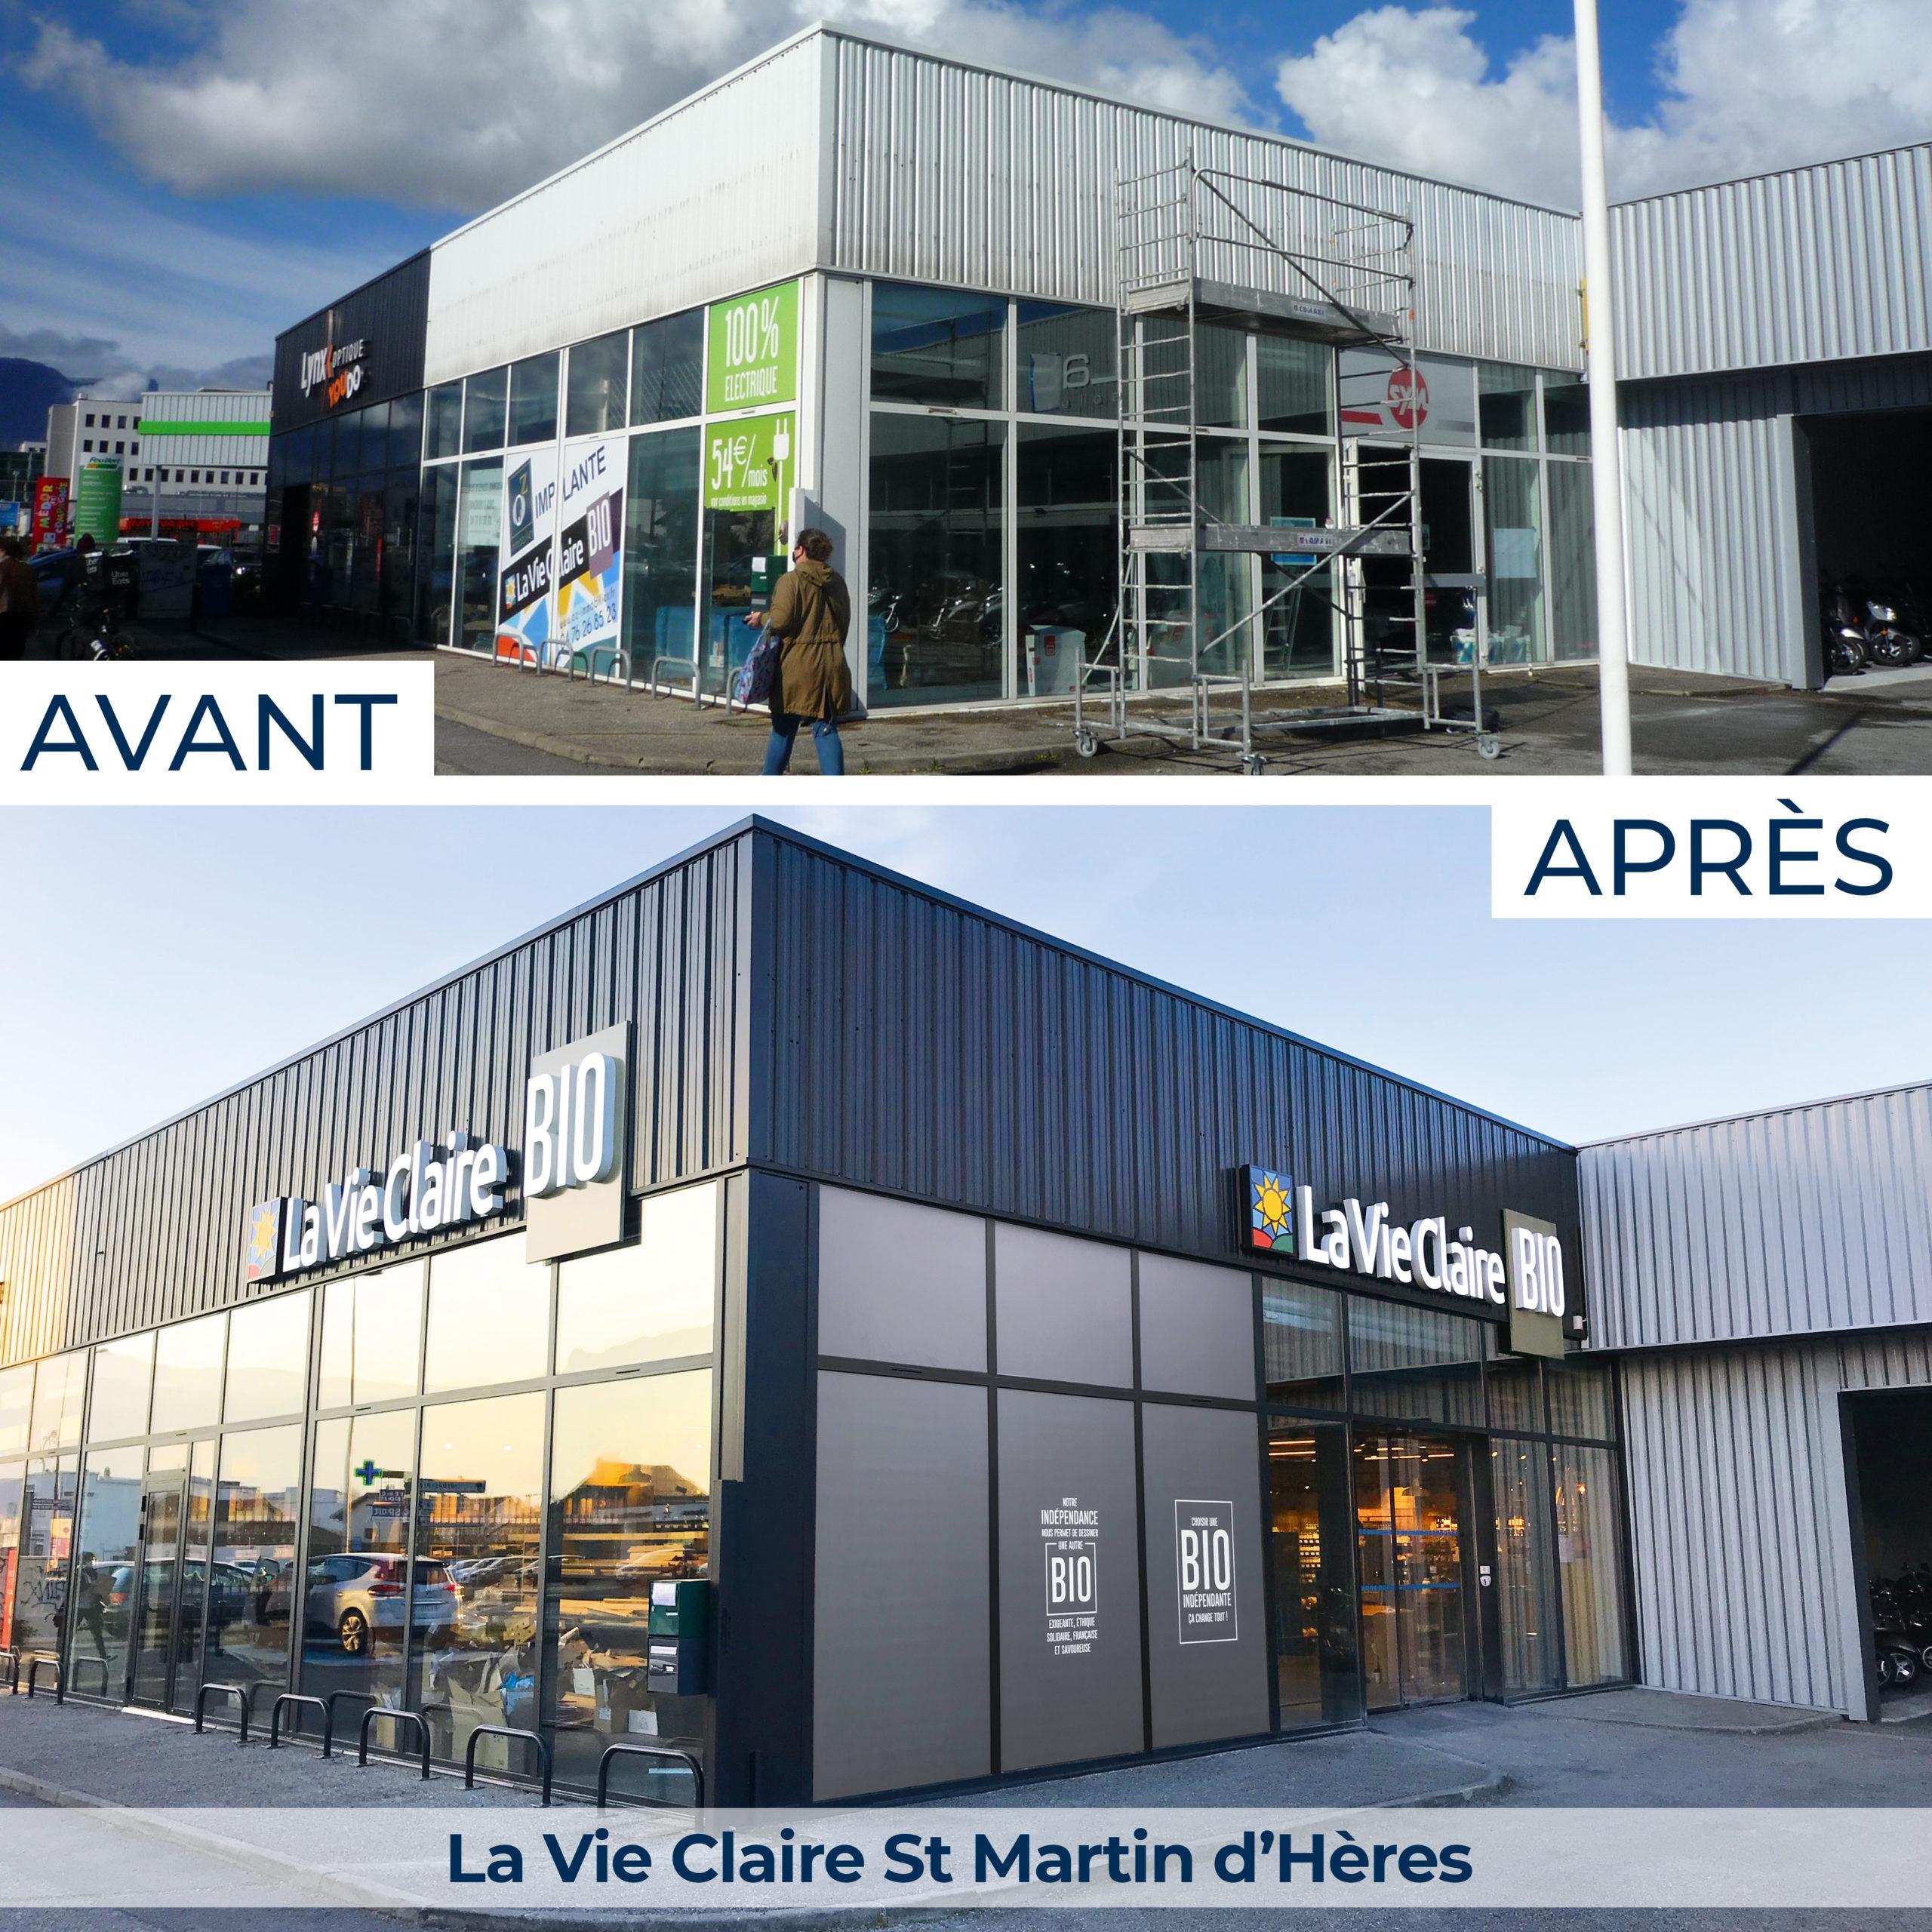 La Vie Claire Saint Martin d'Hères, magasin spécialisé en alimentation bio